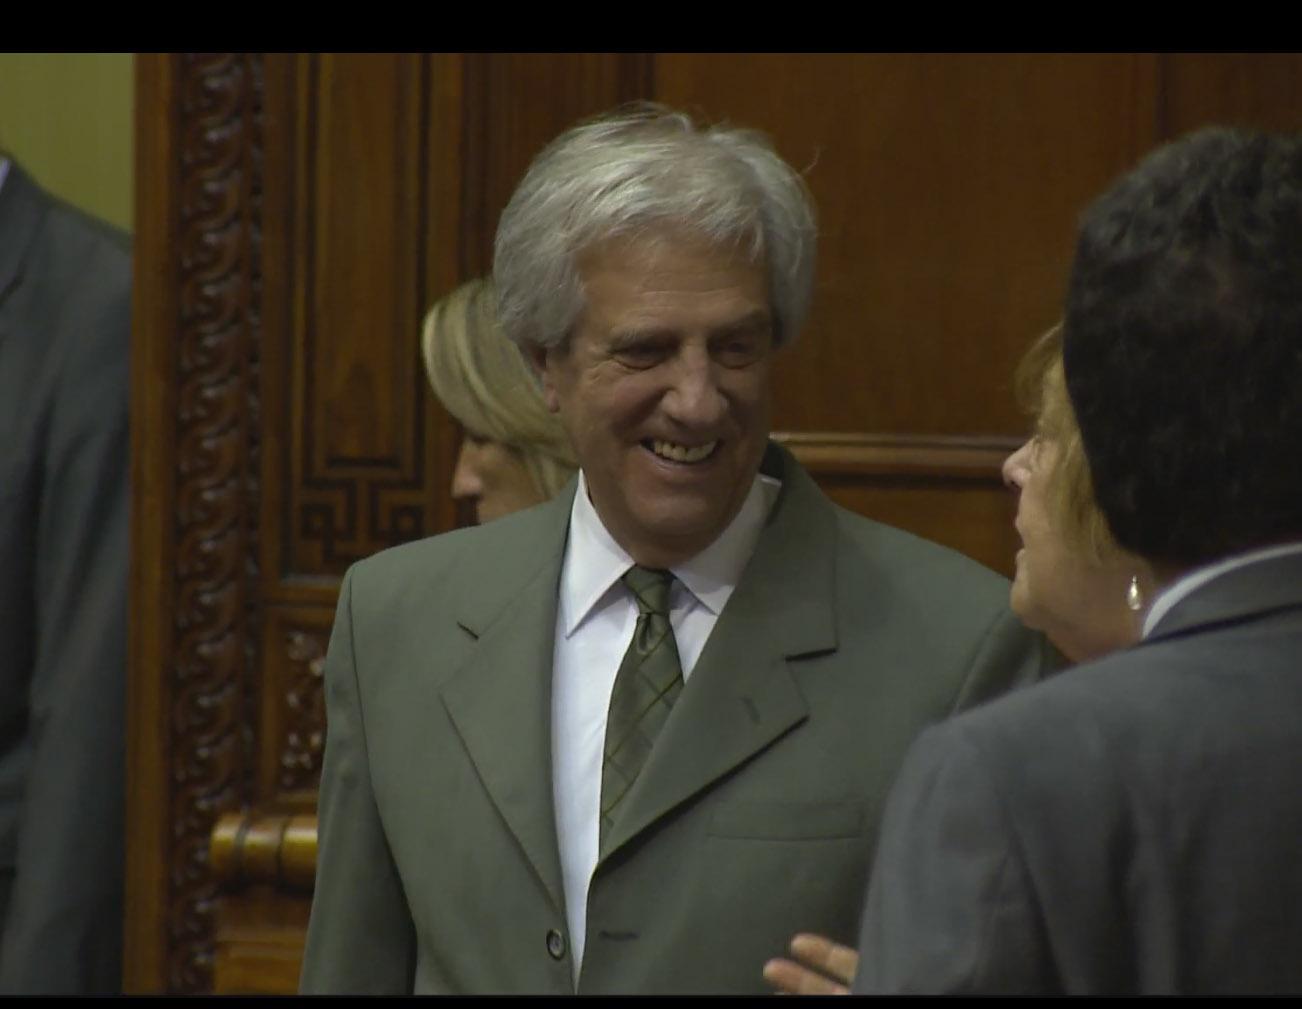 Presidente Vázquez Asistió Al Homenaje De La Asamblea General, Por El Centenario Del Nacimiento De Líber Seregni